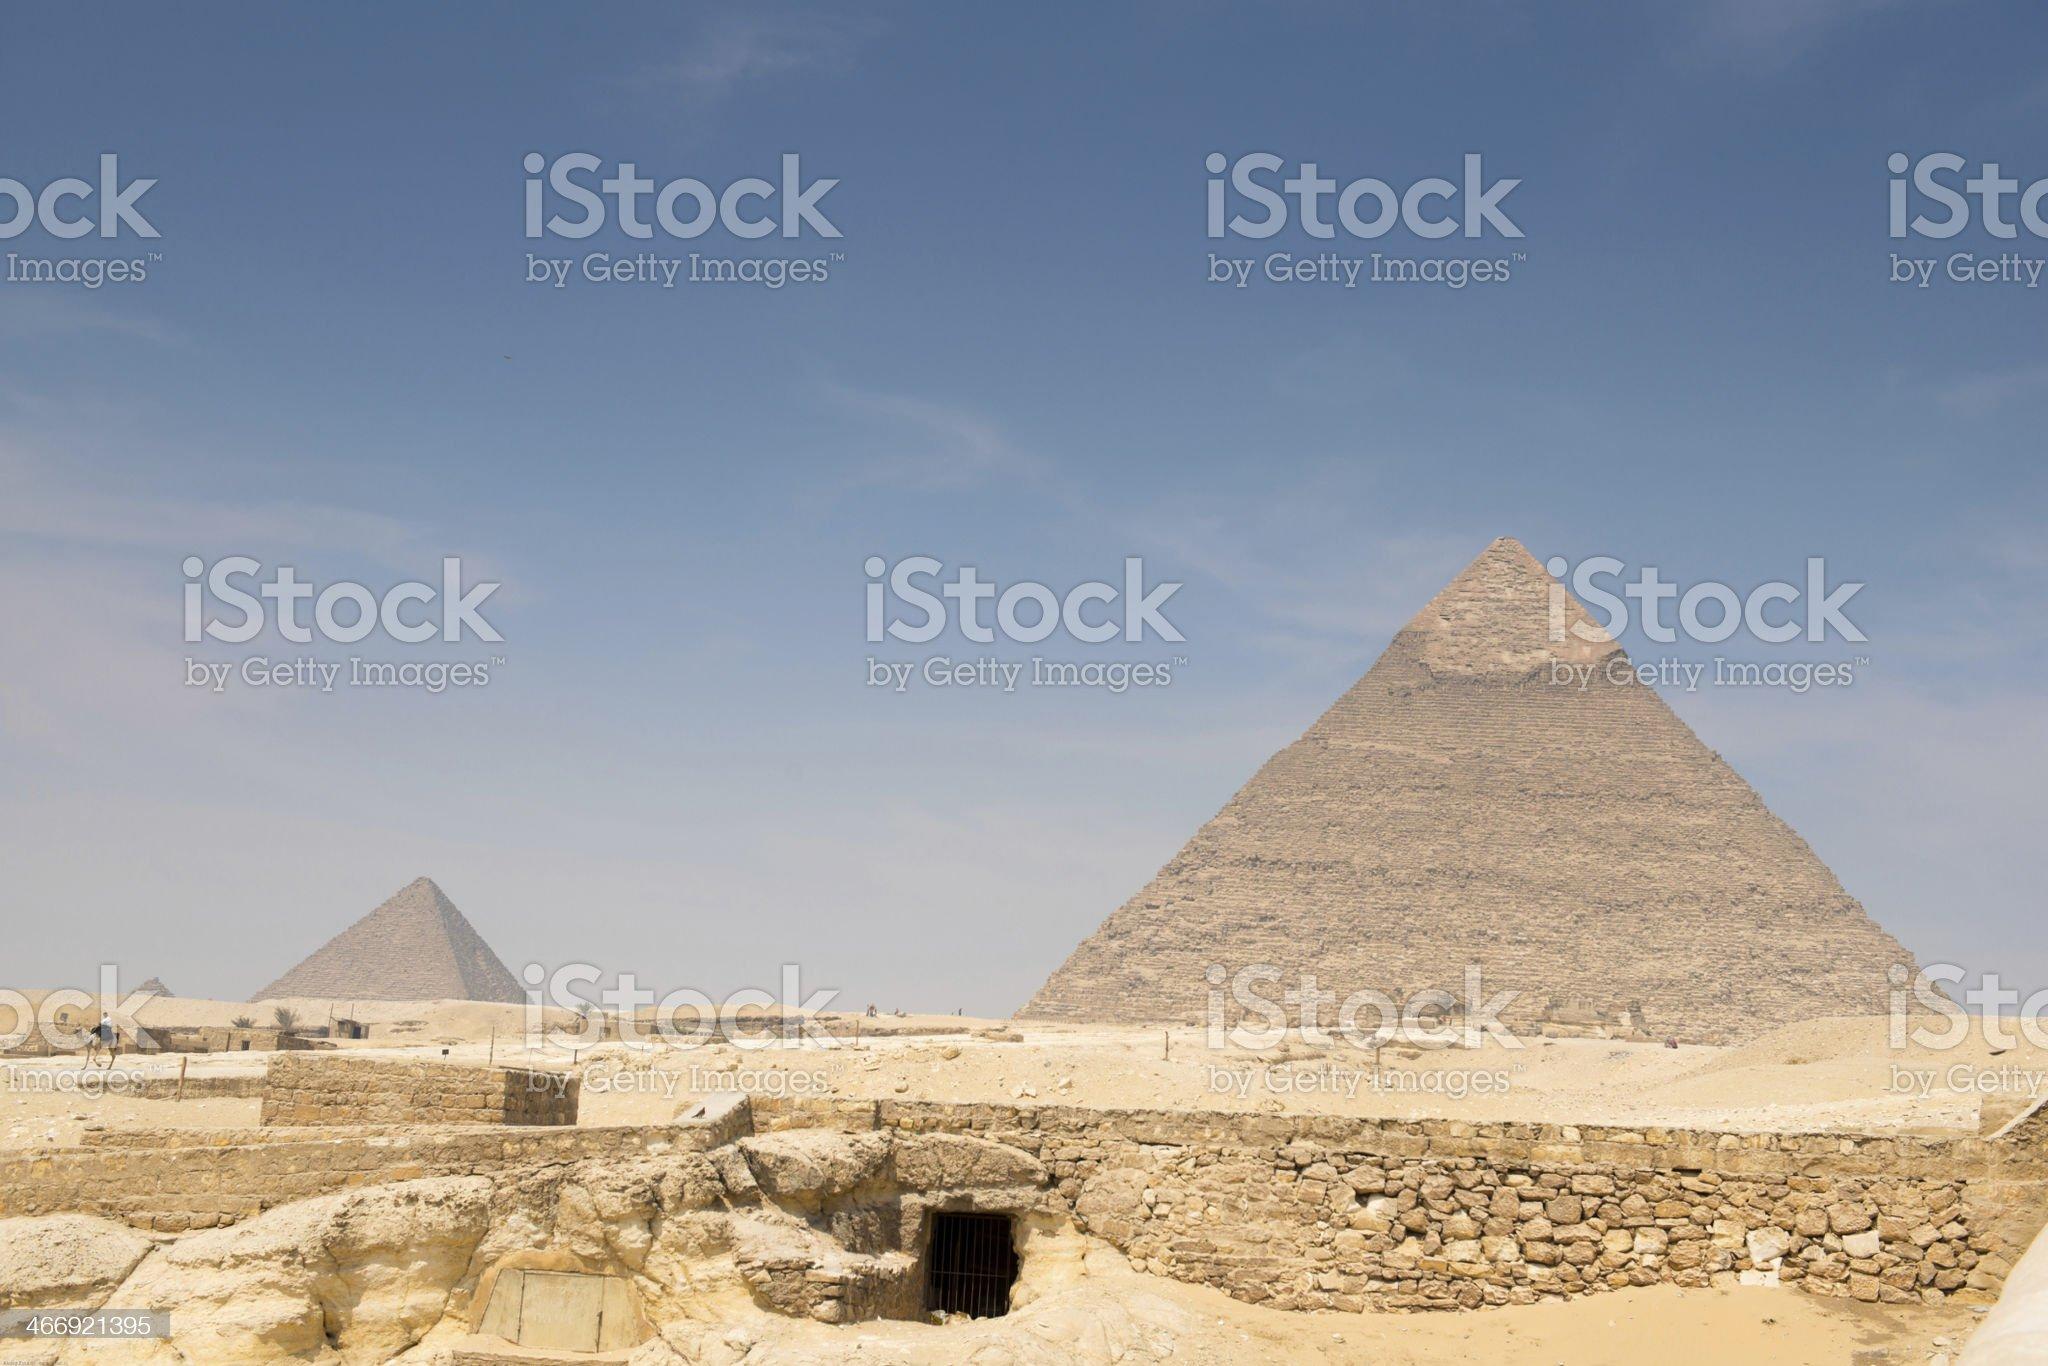 Pyramid of Khafre royalty-free stock photo